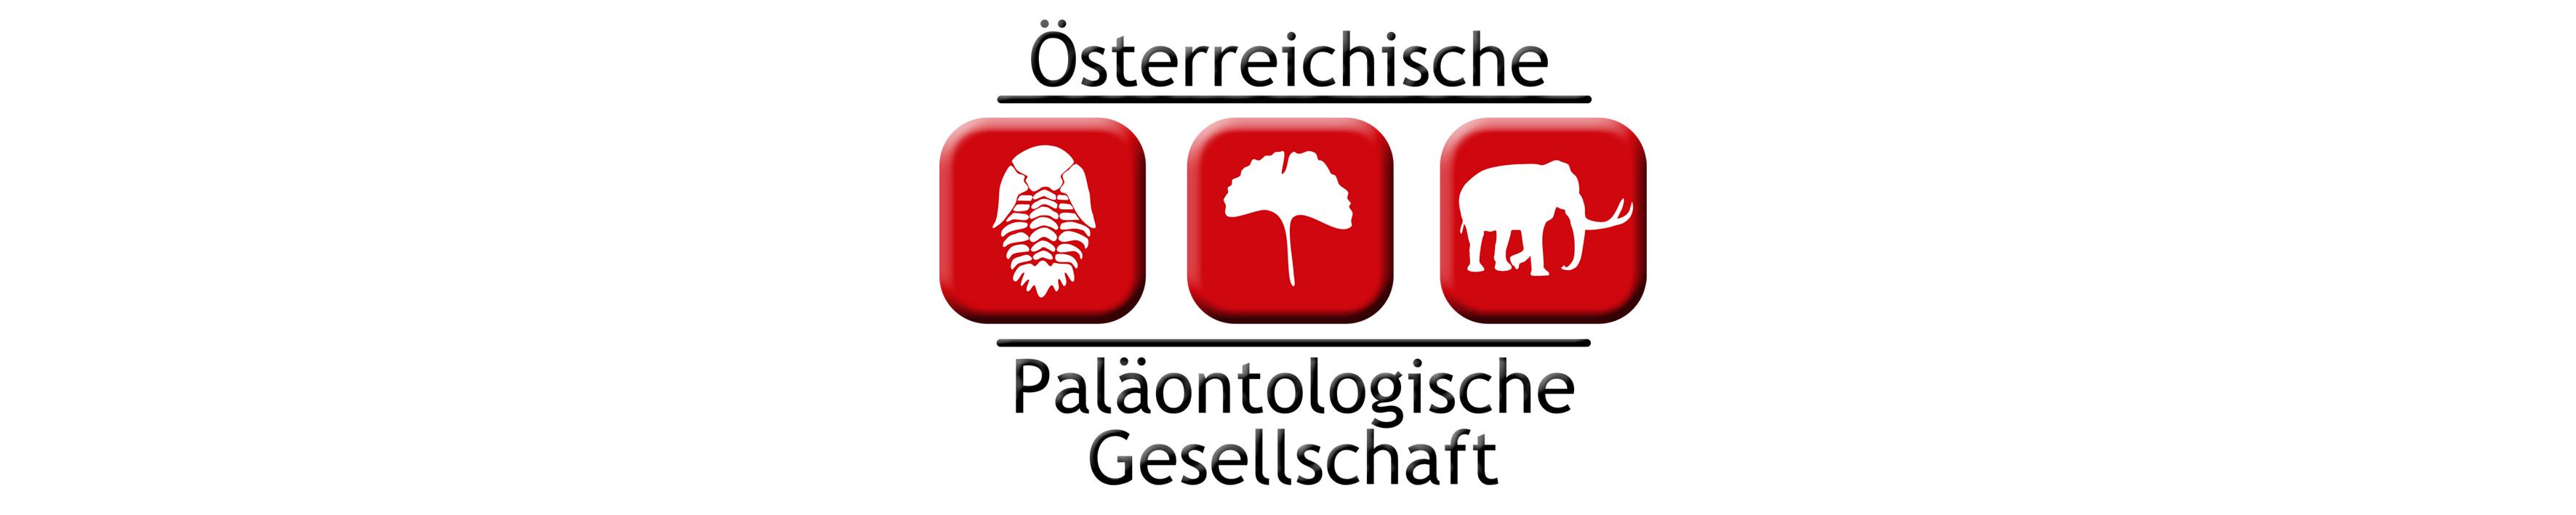 Österreichische Paläontologische Gesellschaft (ÖPG)